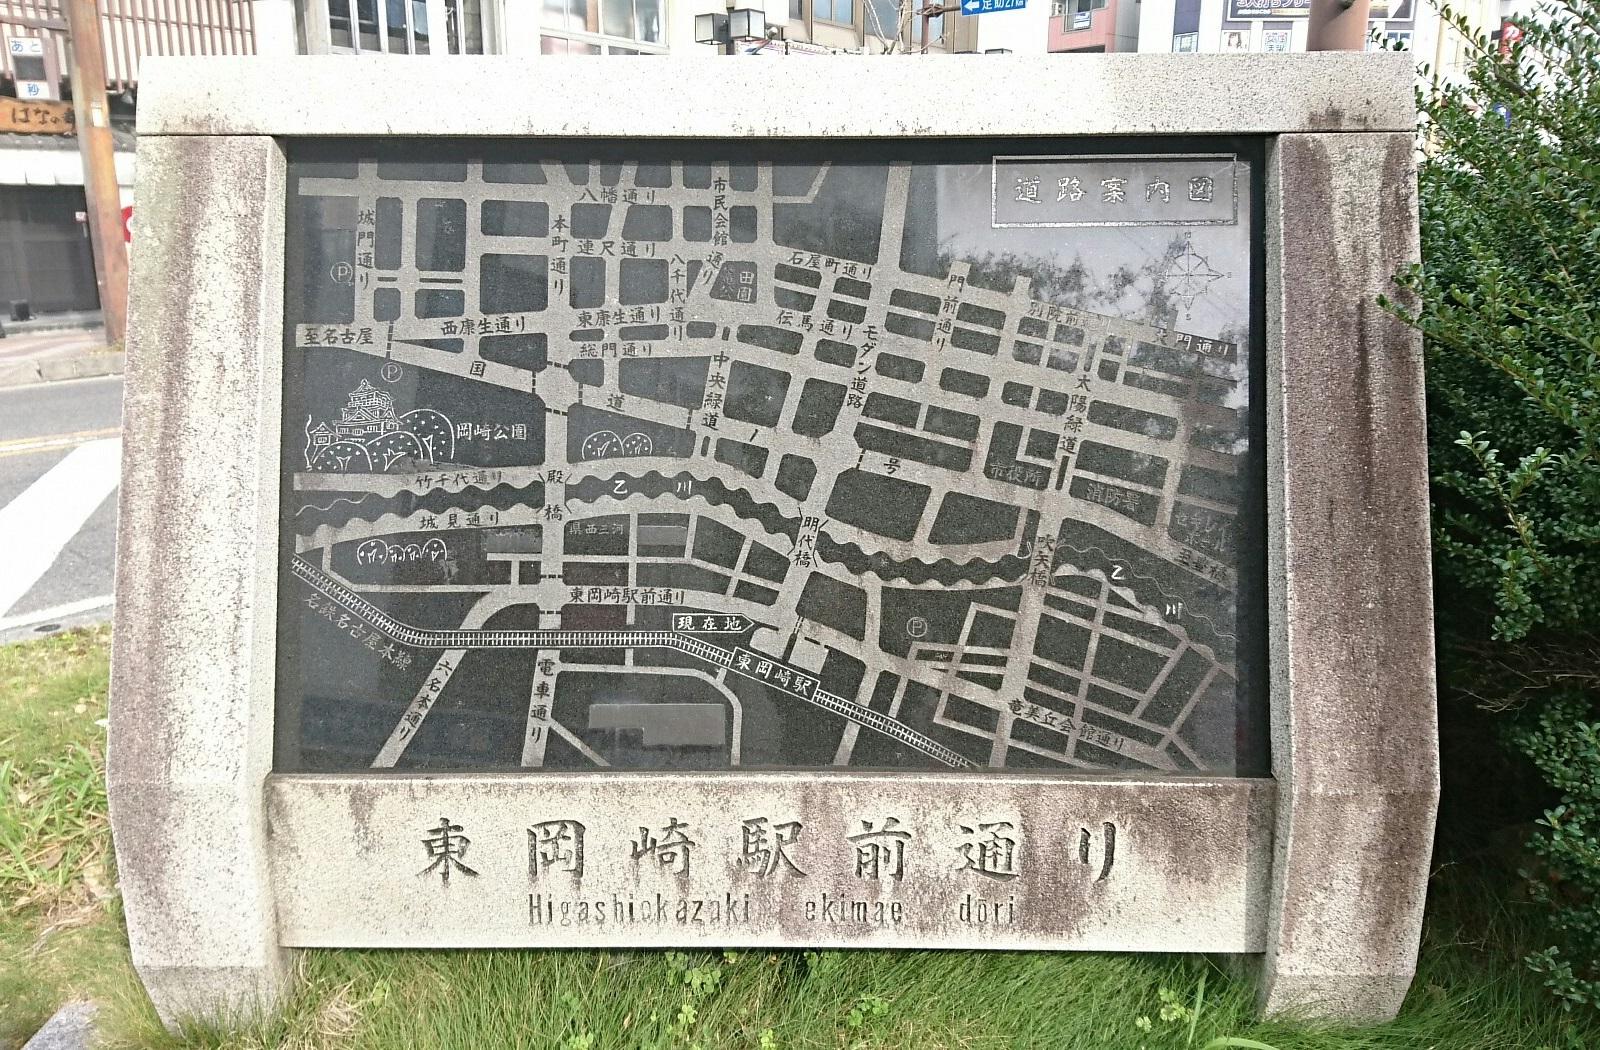 2017.11.7 (2) 東岡崎 - 岡崎の道路案内図 1600-1050